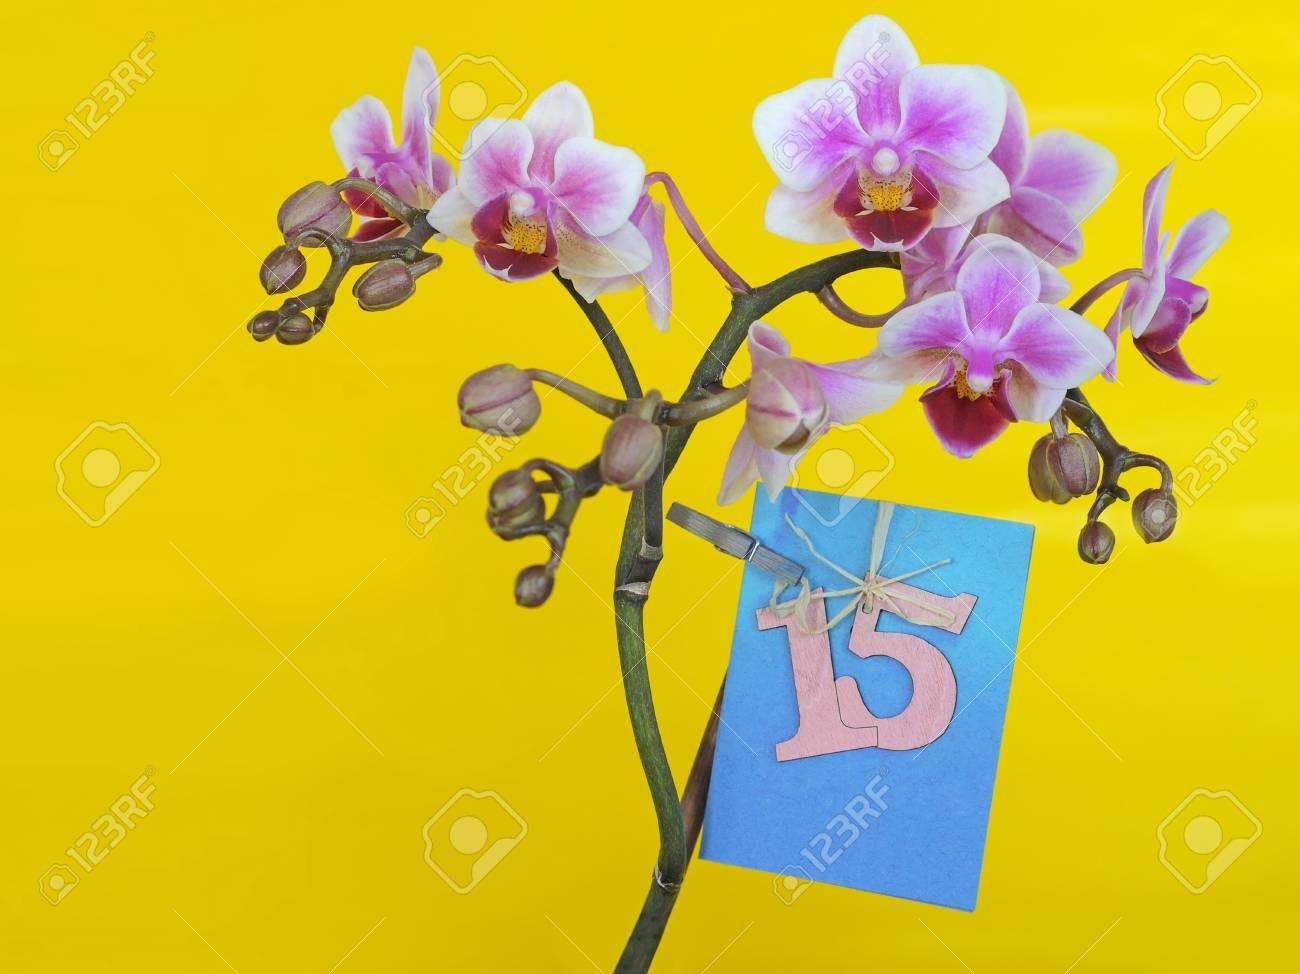 Immagini Stock Fiore Con Dedizione Scheda Di Buon Compleanno